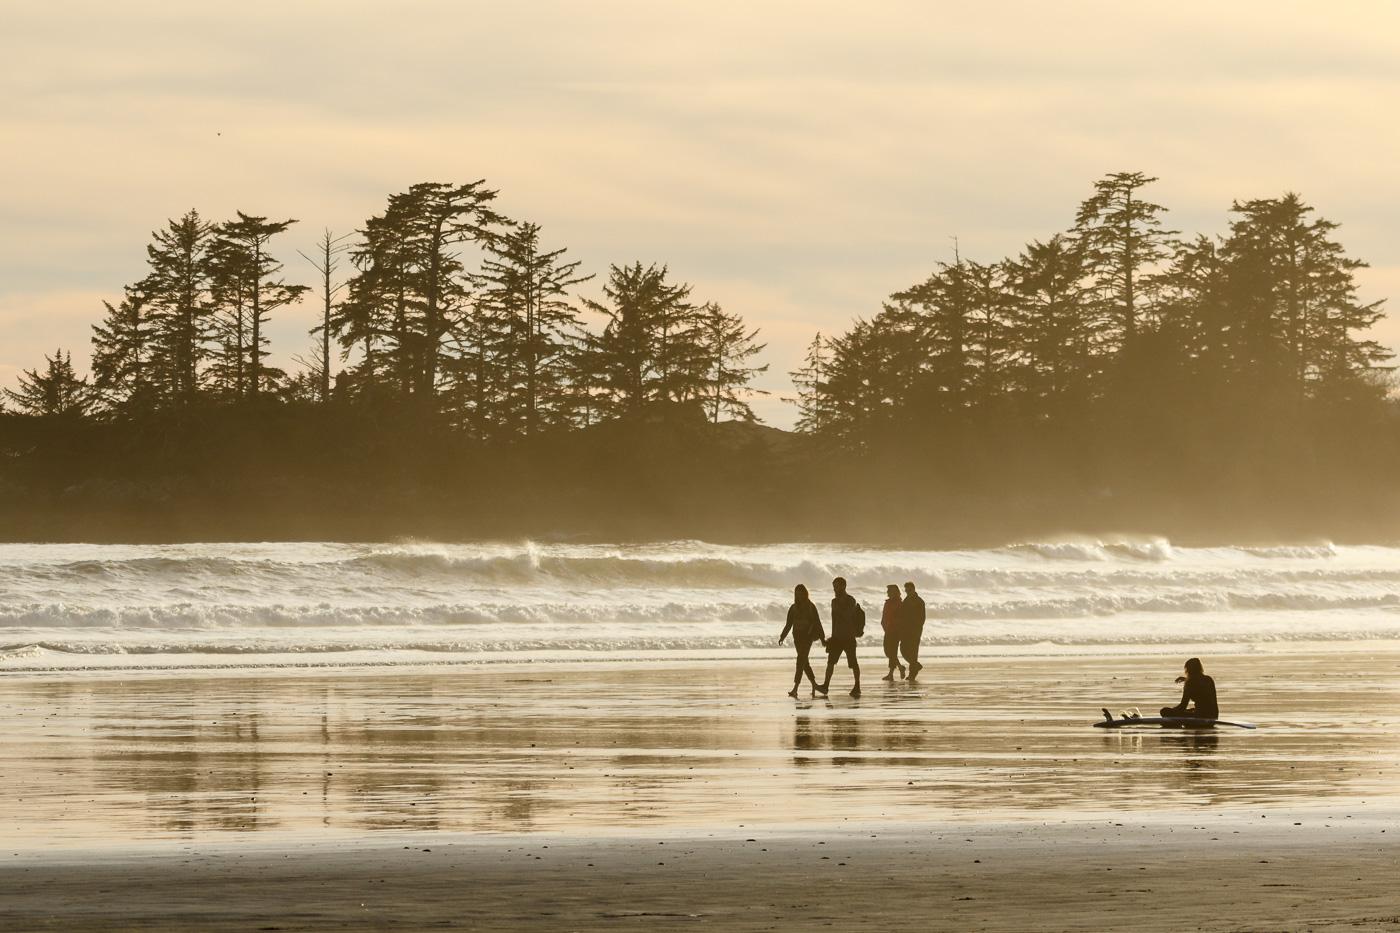 Vancouver island sunset - Paisatges de Nord-Amèrica - Raül Carmona - Fotografia, Fotografia d'estudi, esdeveniments i Natura